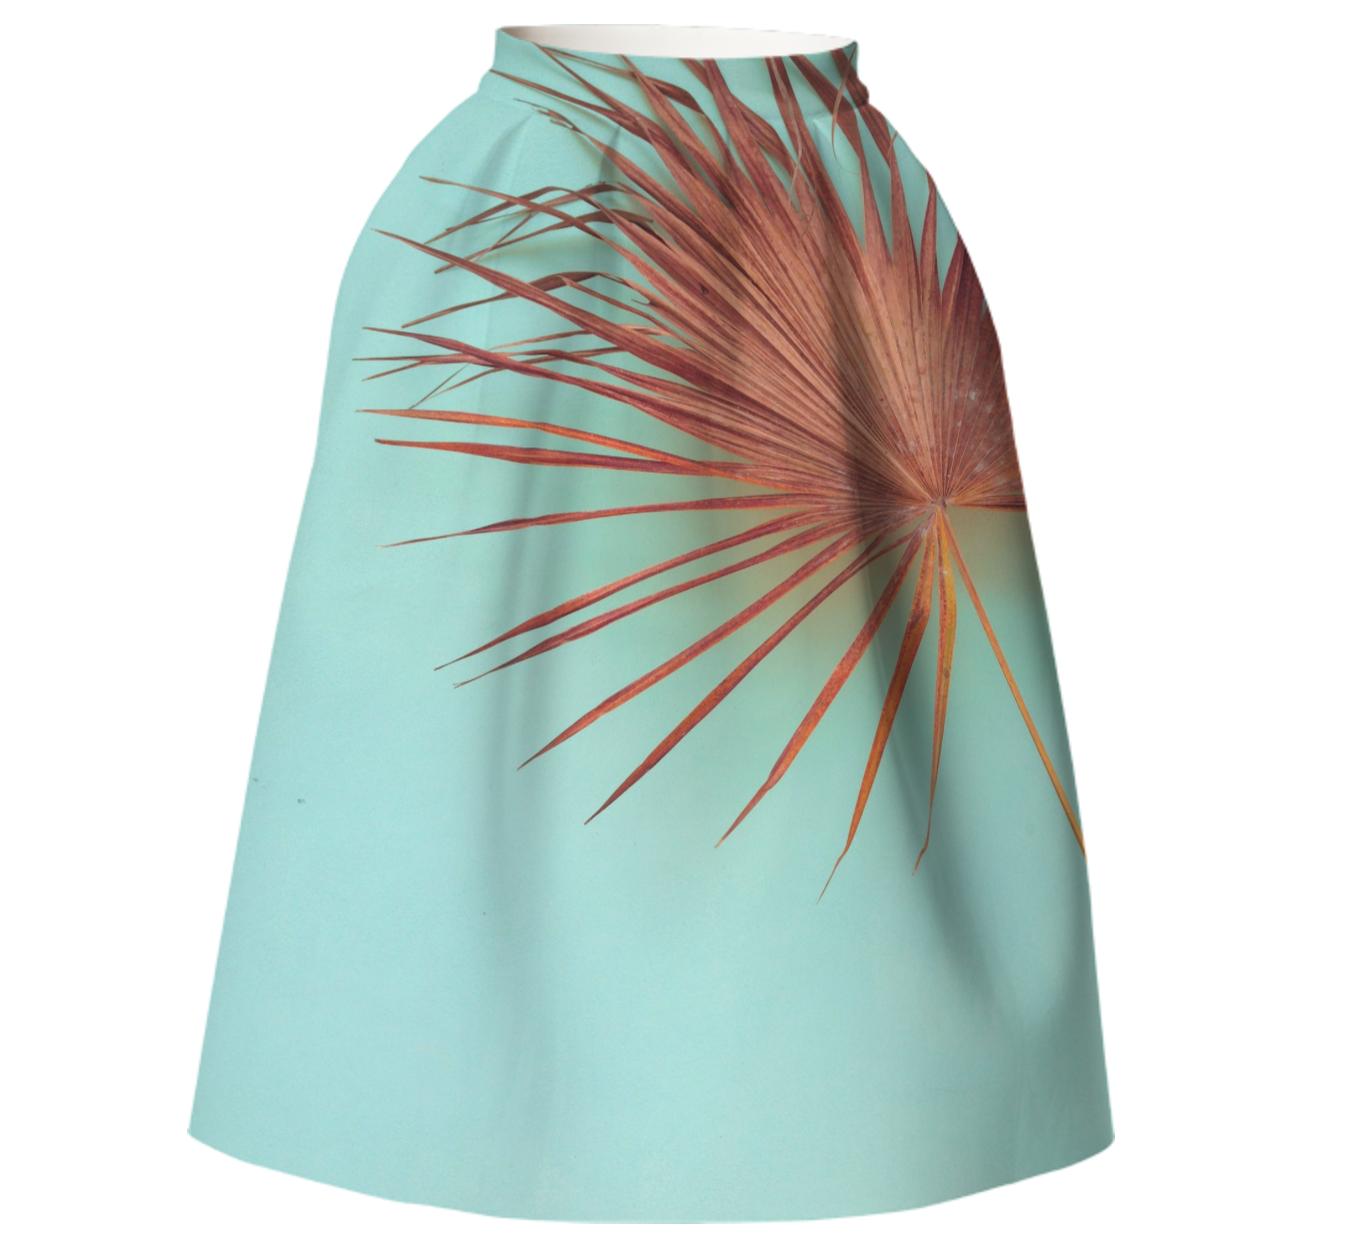 PALMY I SKIRT    Neoprene Full Skirt      One Hundred Forty Two Dollars